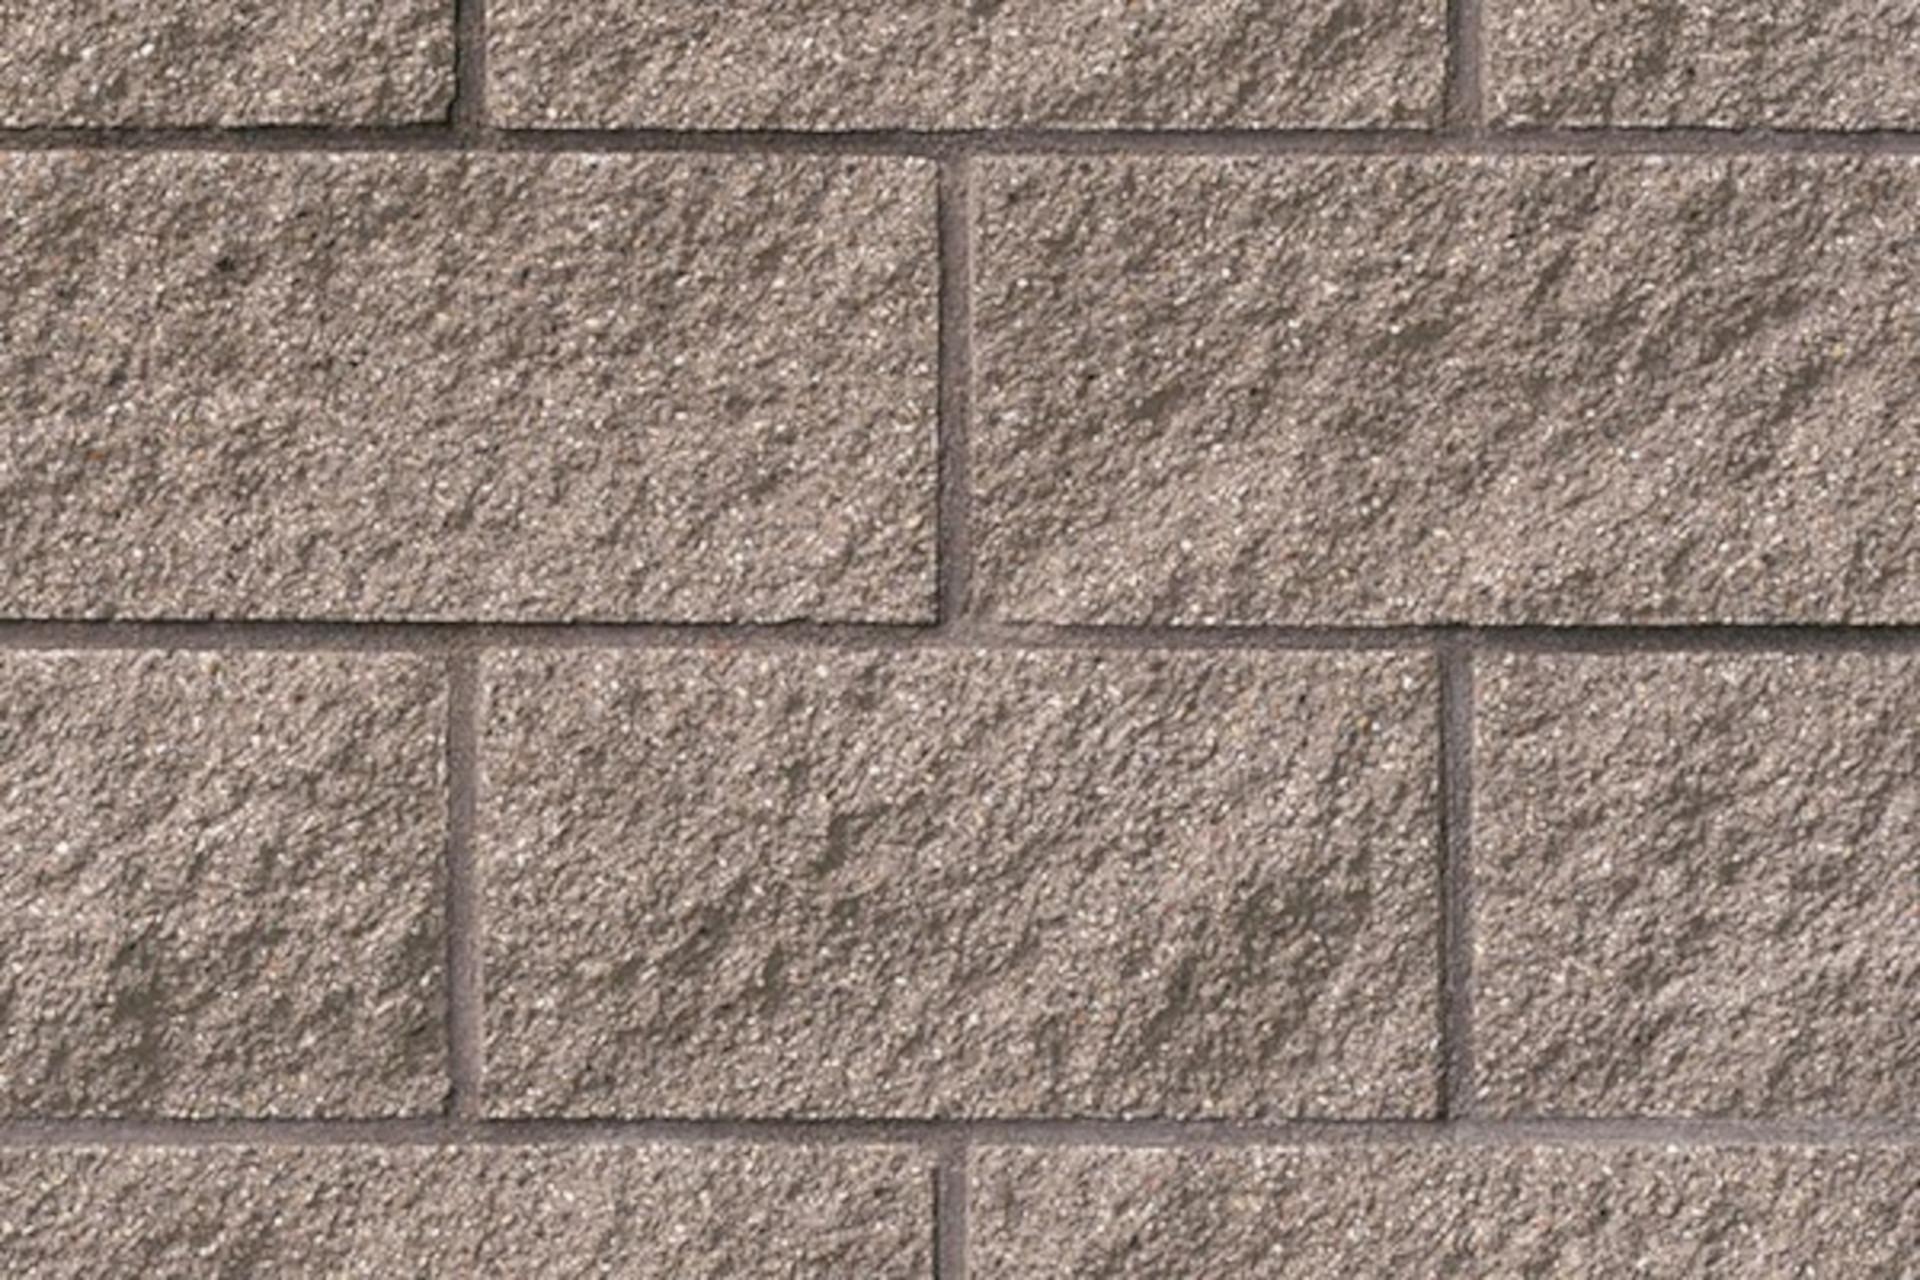 130 Coal Concrete Block